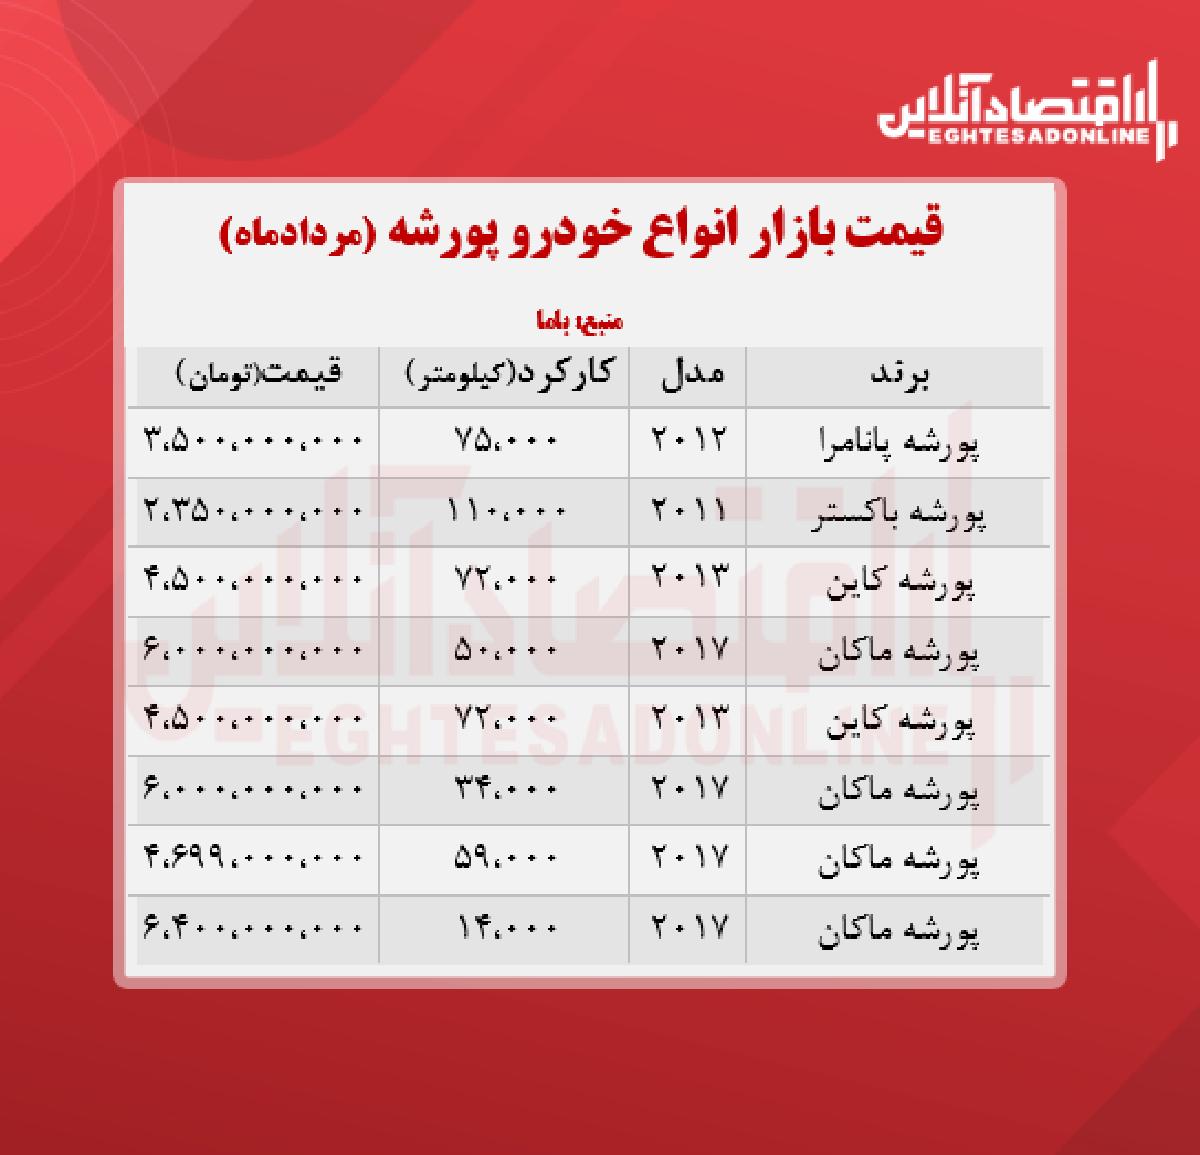 قیمت انواع پورشه در تهران